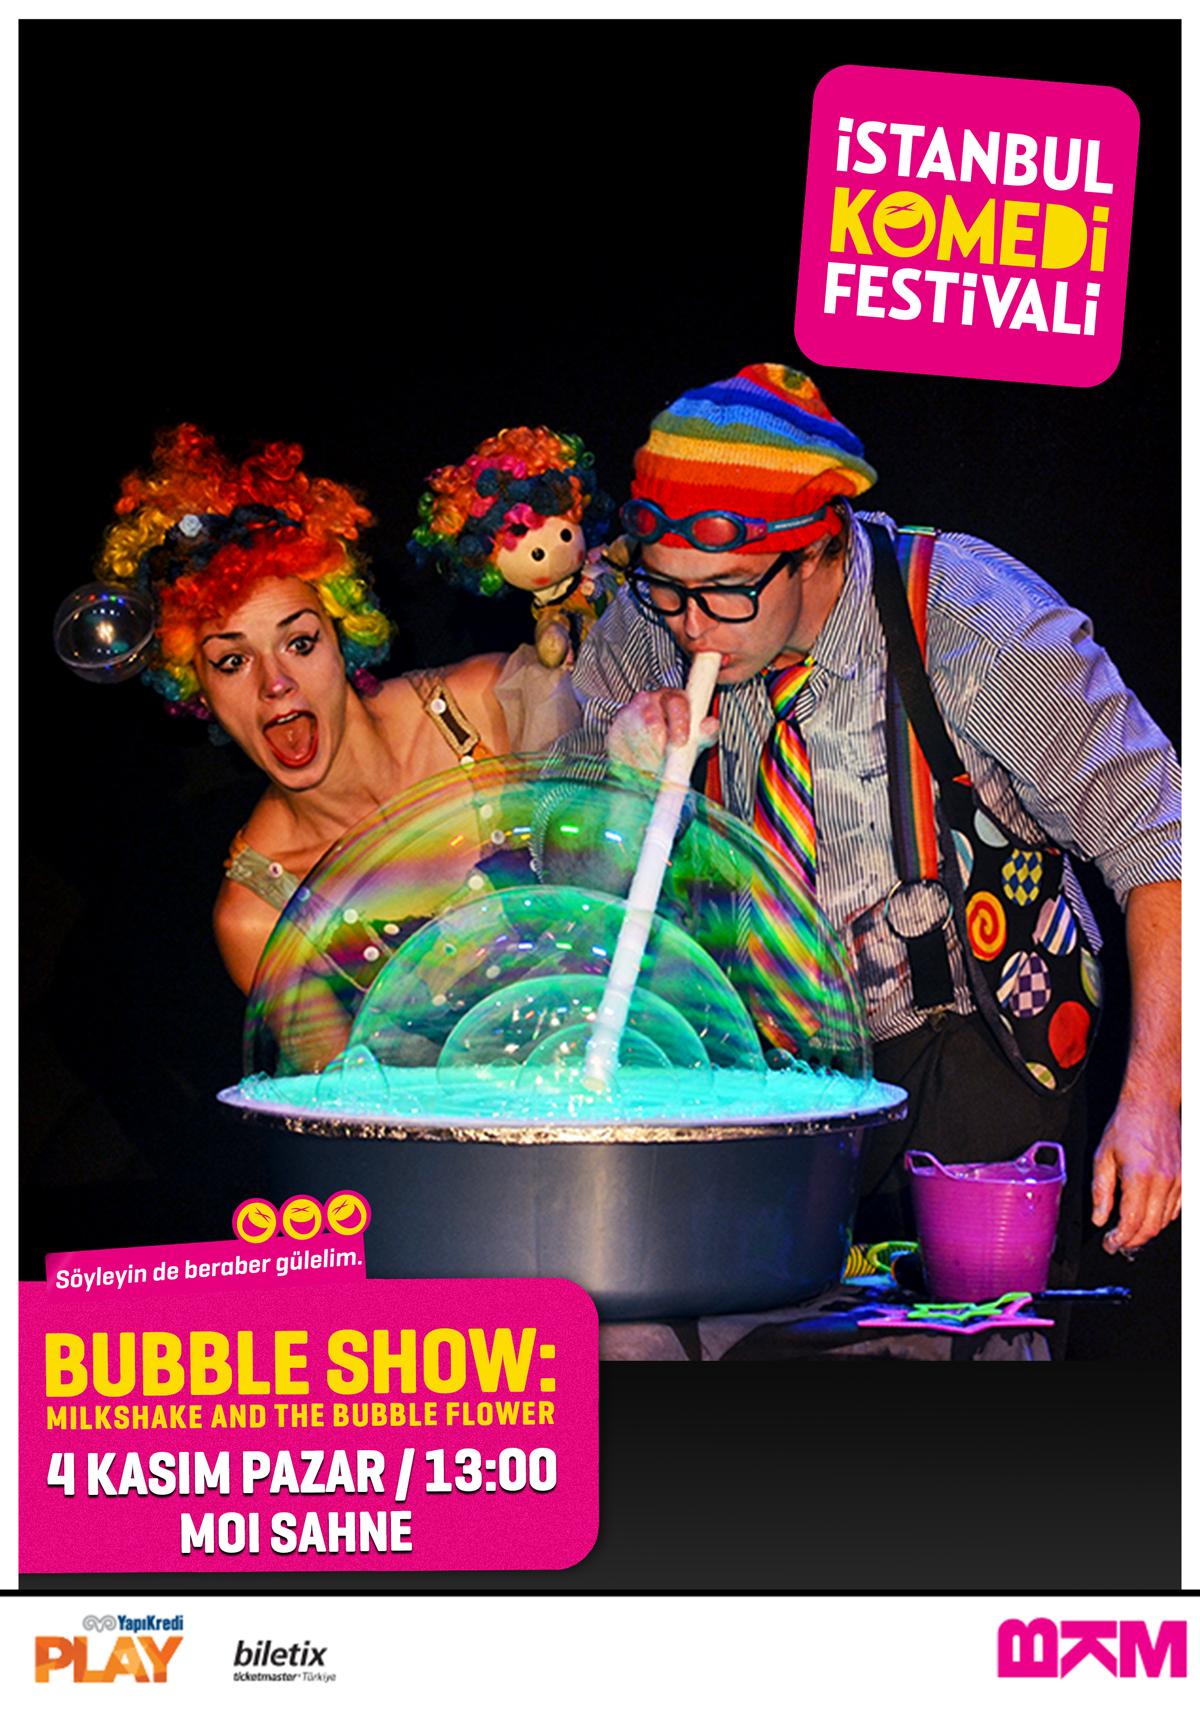 İSTANBUL KOMEDİ FESTİVALİ Bubble Show – Milkshake and The Bubble Flower